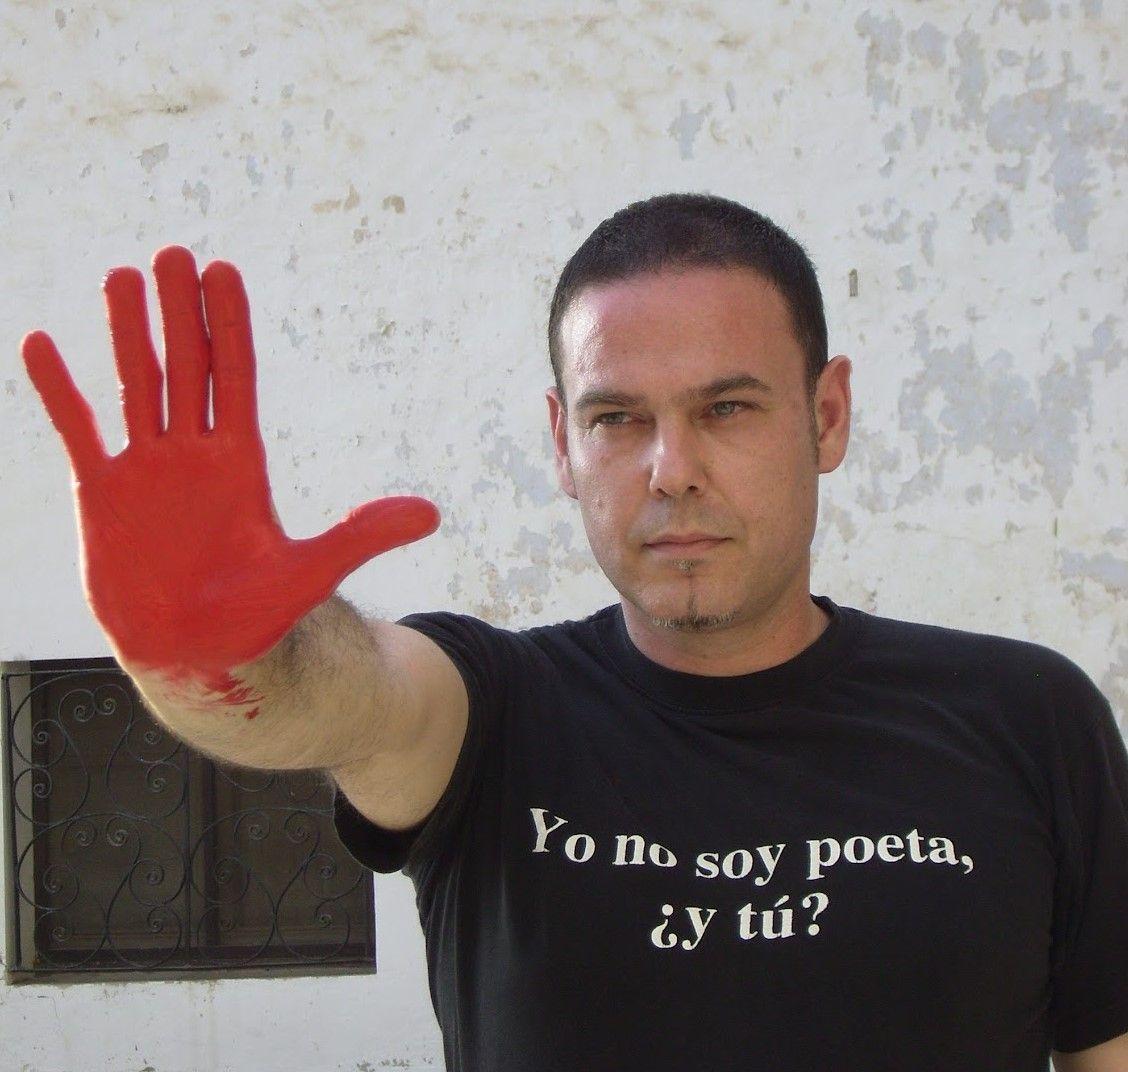 Sergi Quiñonero, poeta visual